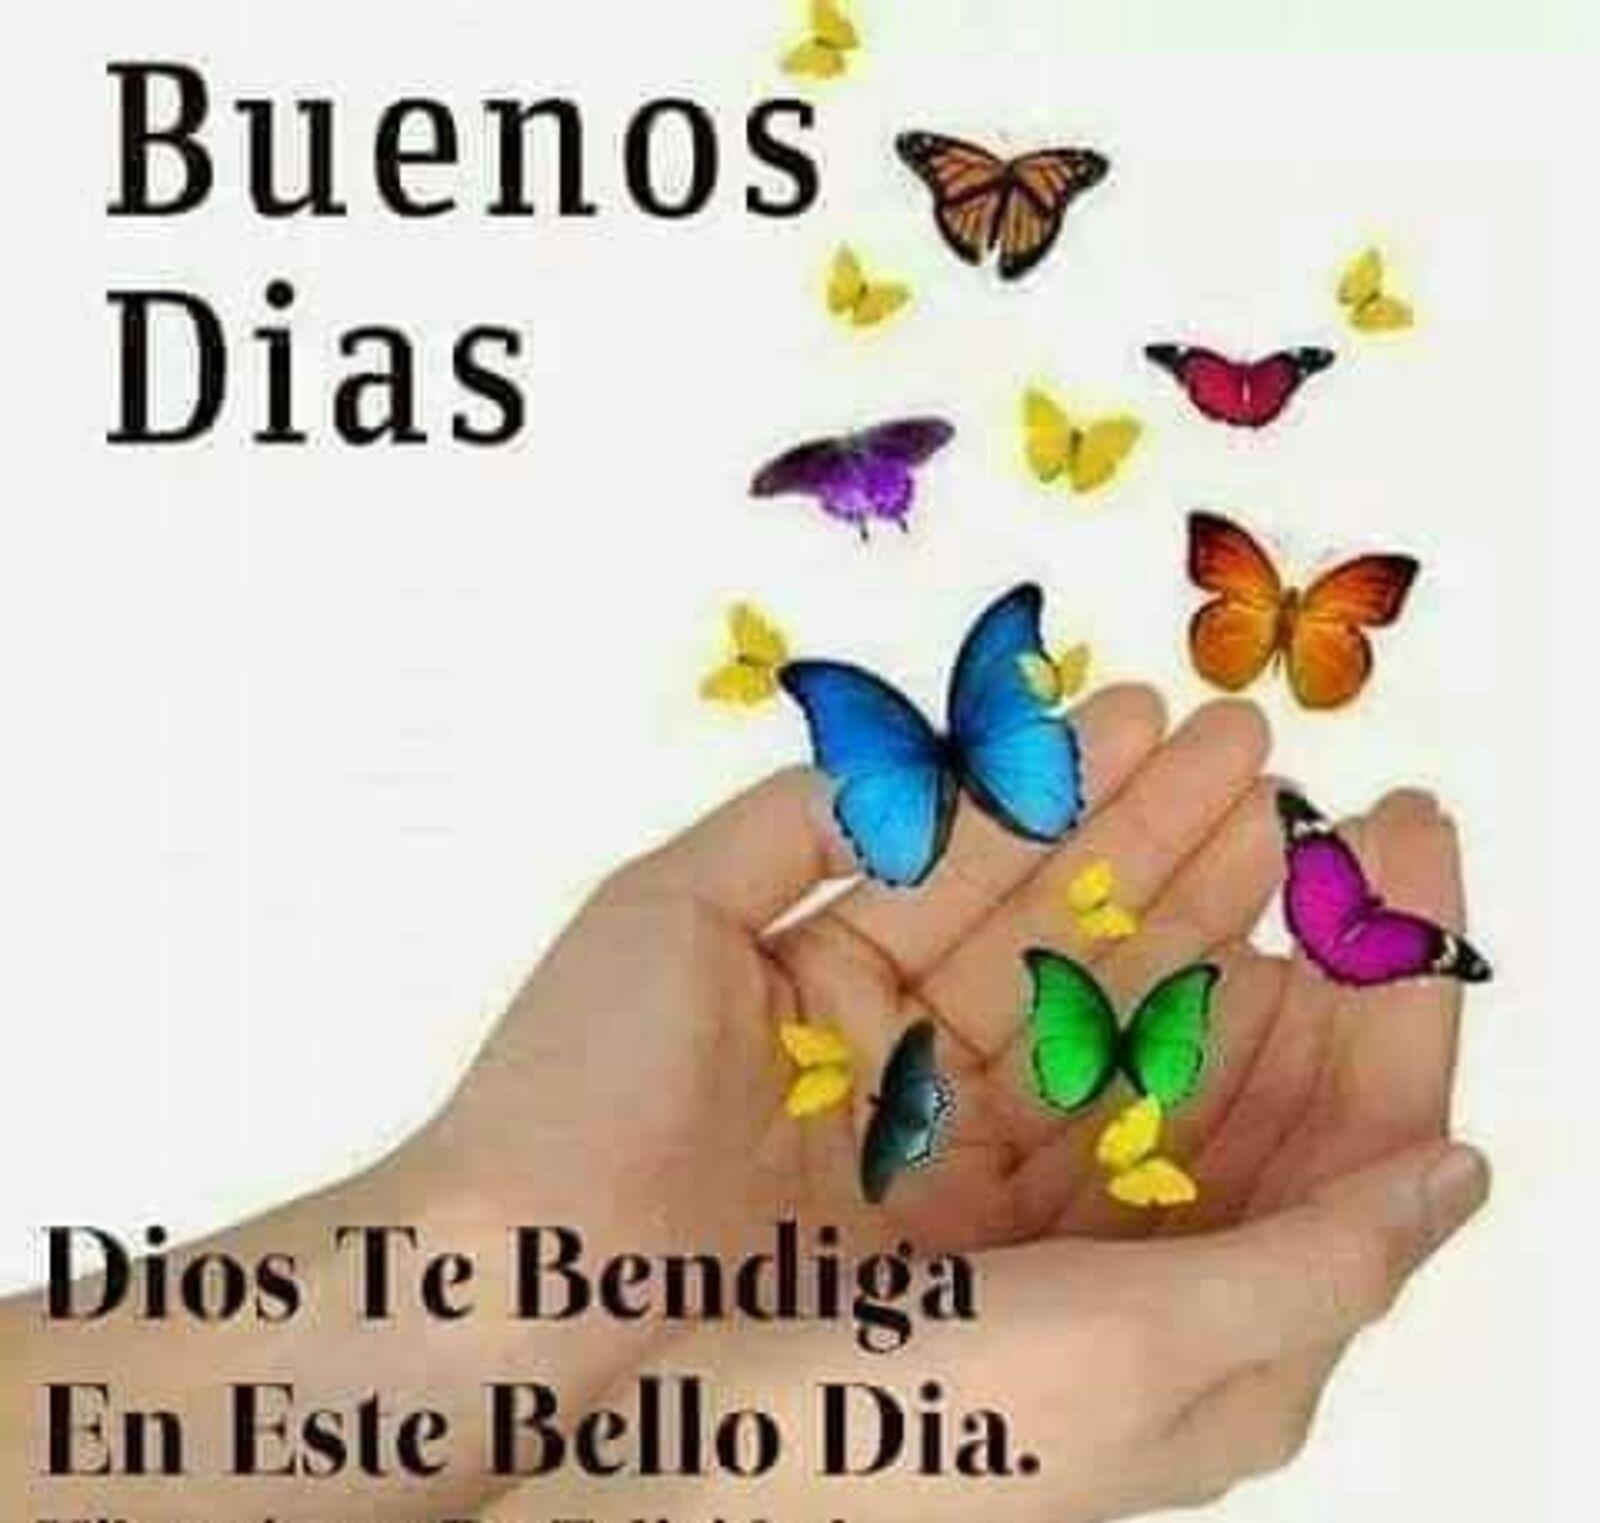 Buenos días Dios te bendiga en este bello dia